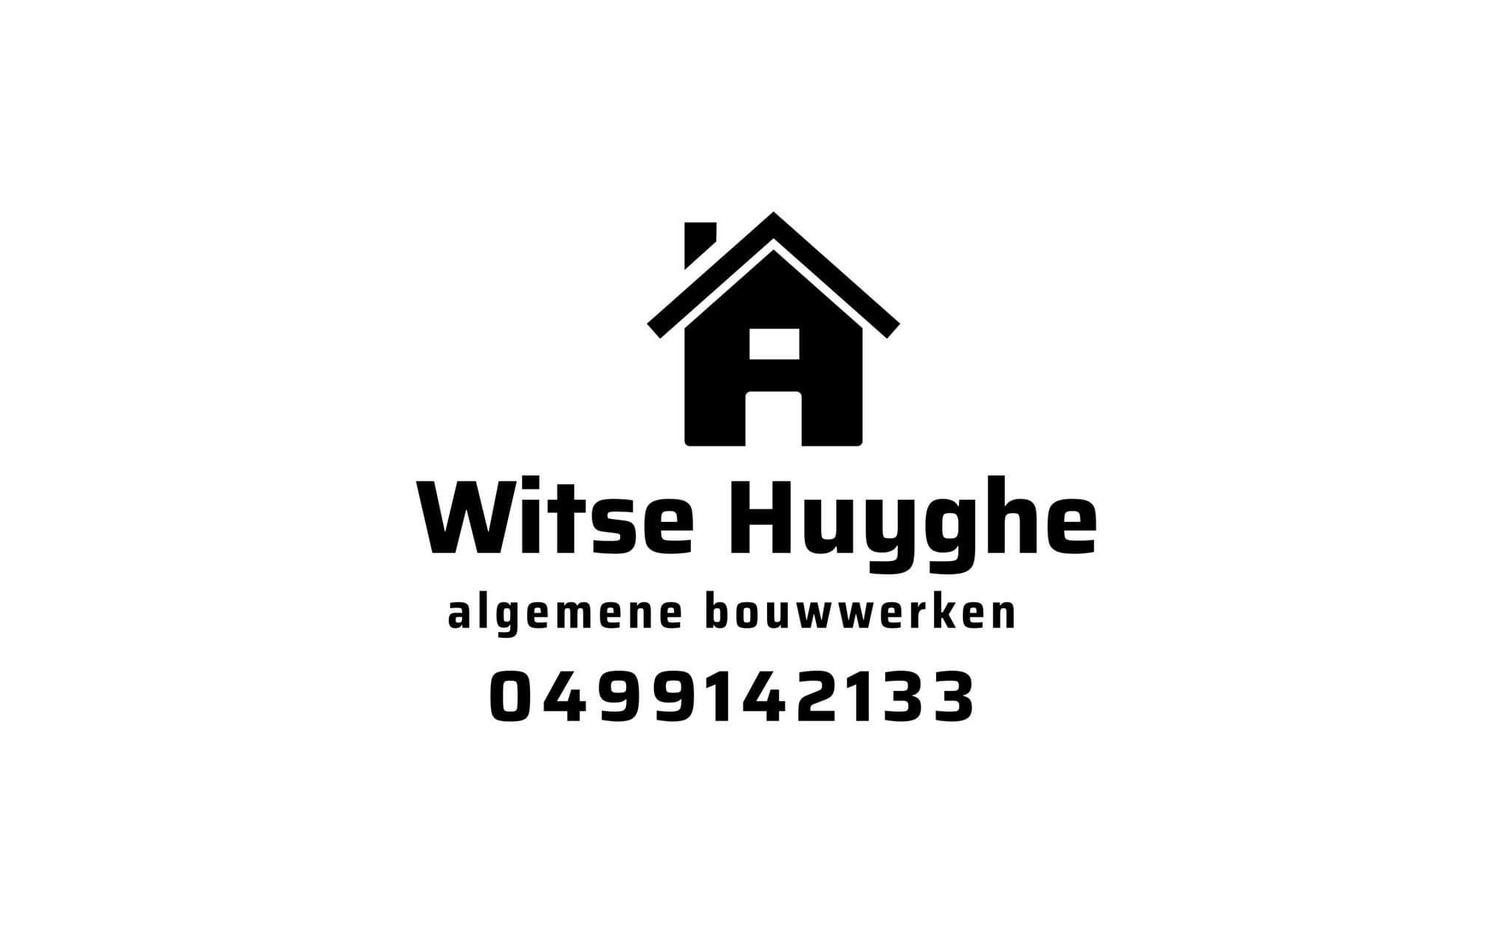 logo Algemene bouwwerken Huyghe